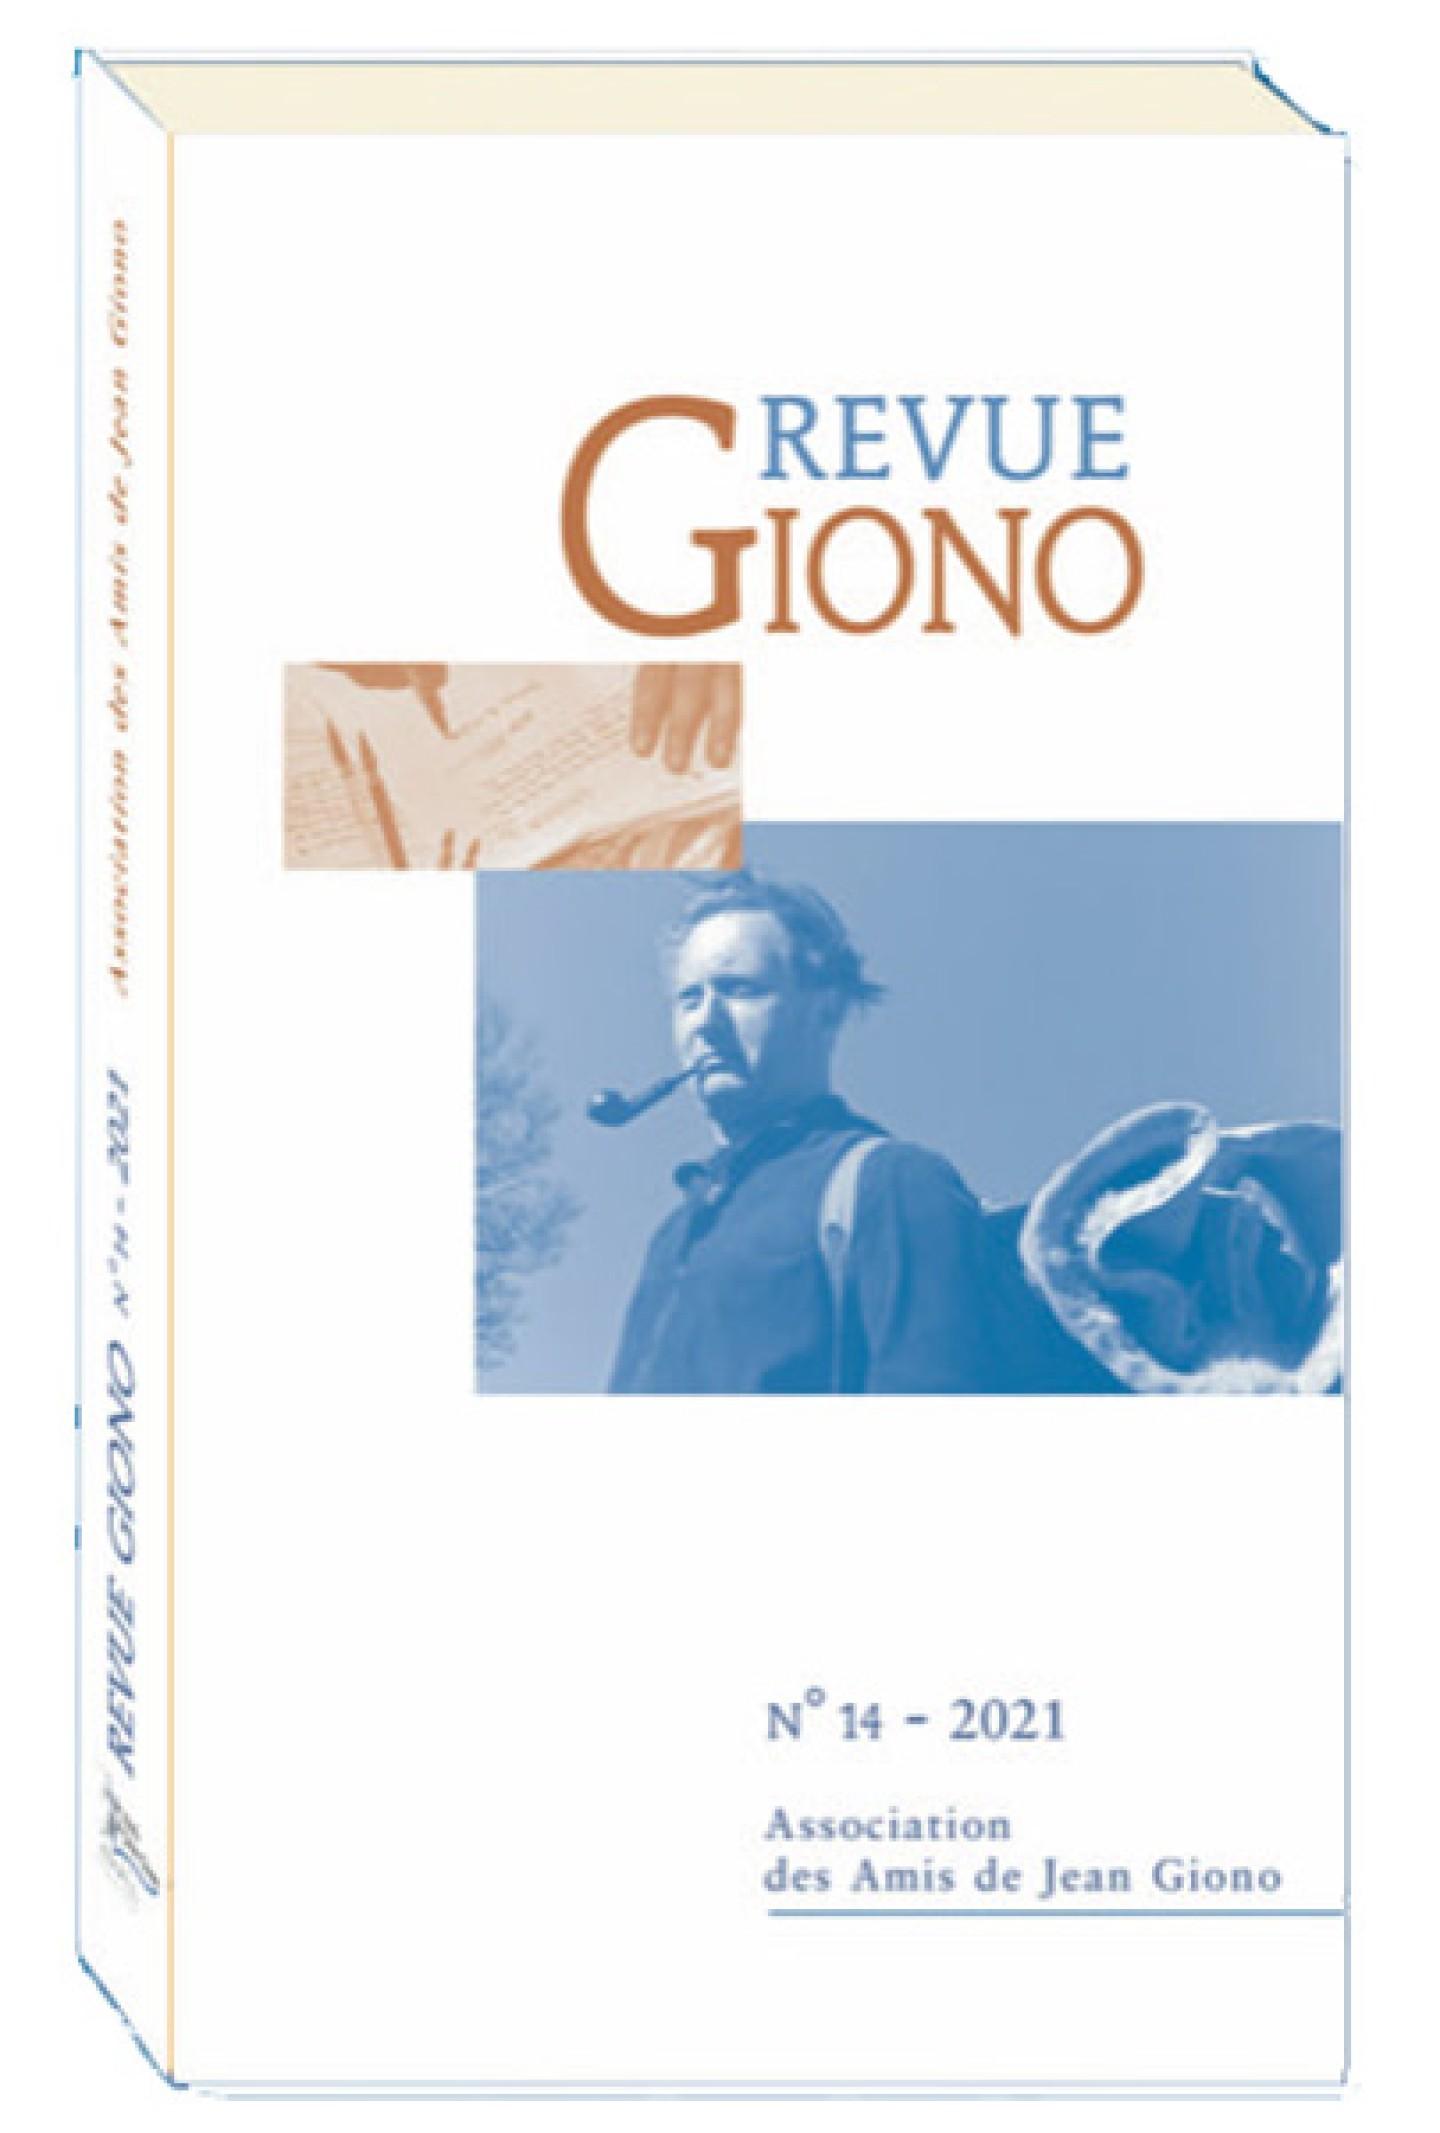 Revue Giono n°14 - 2021